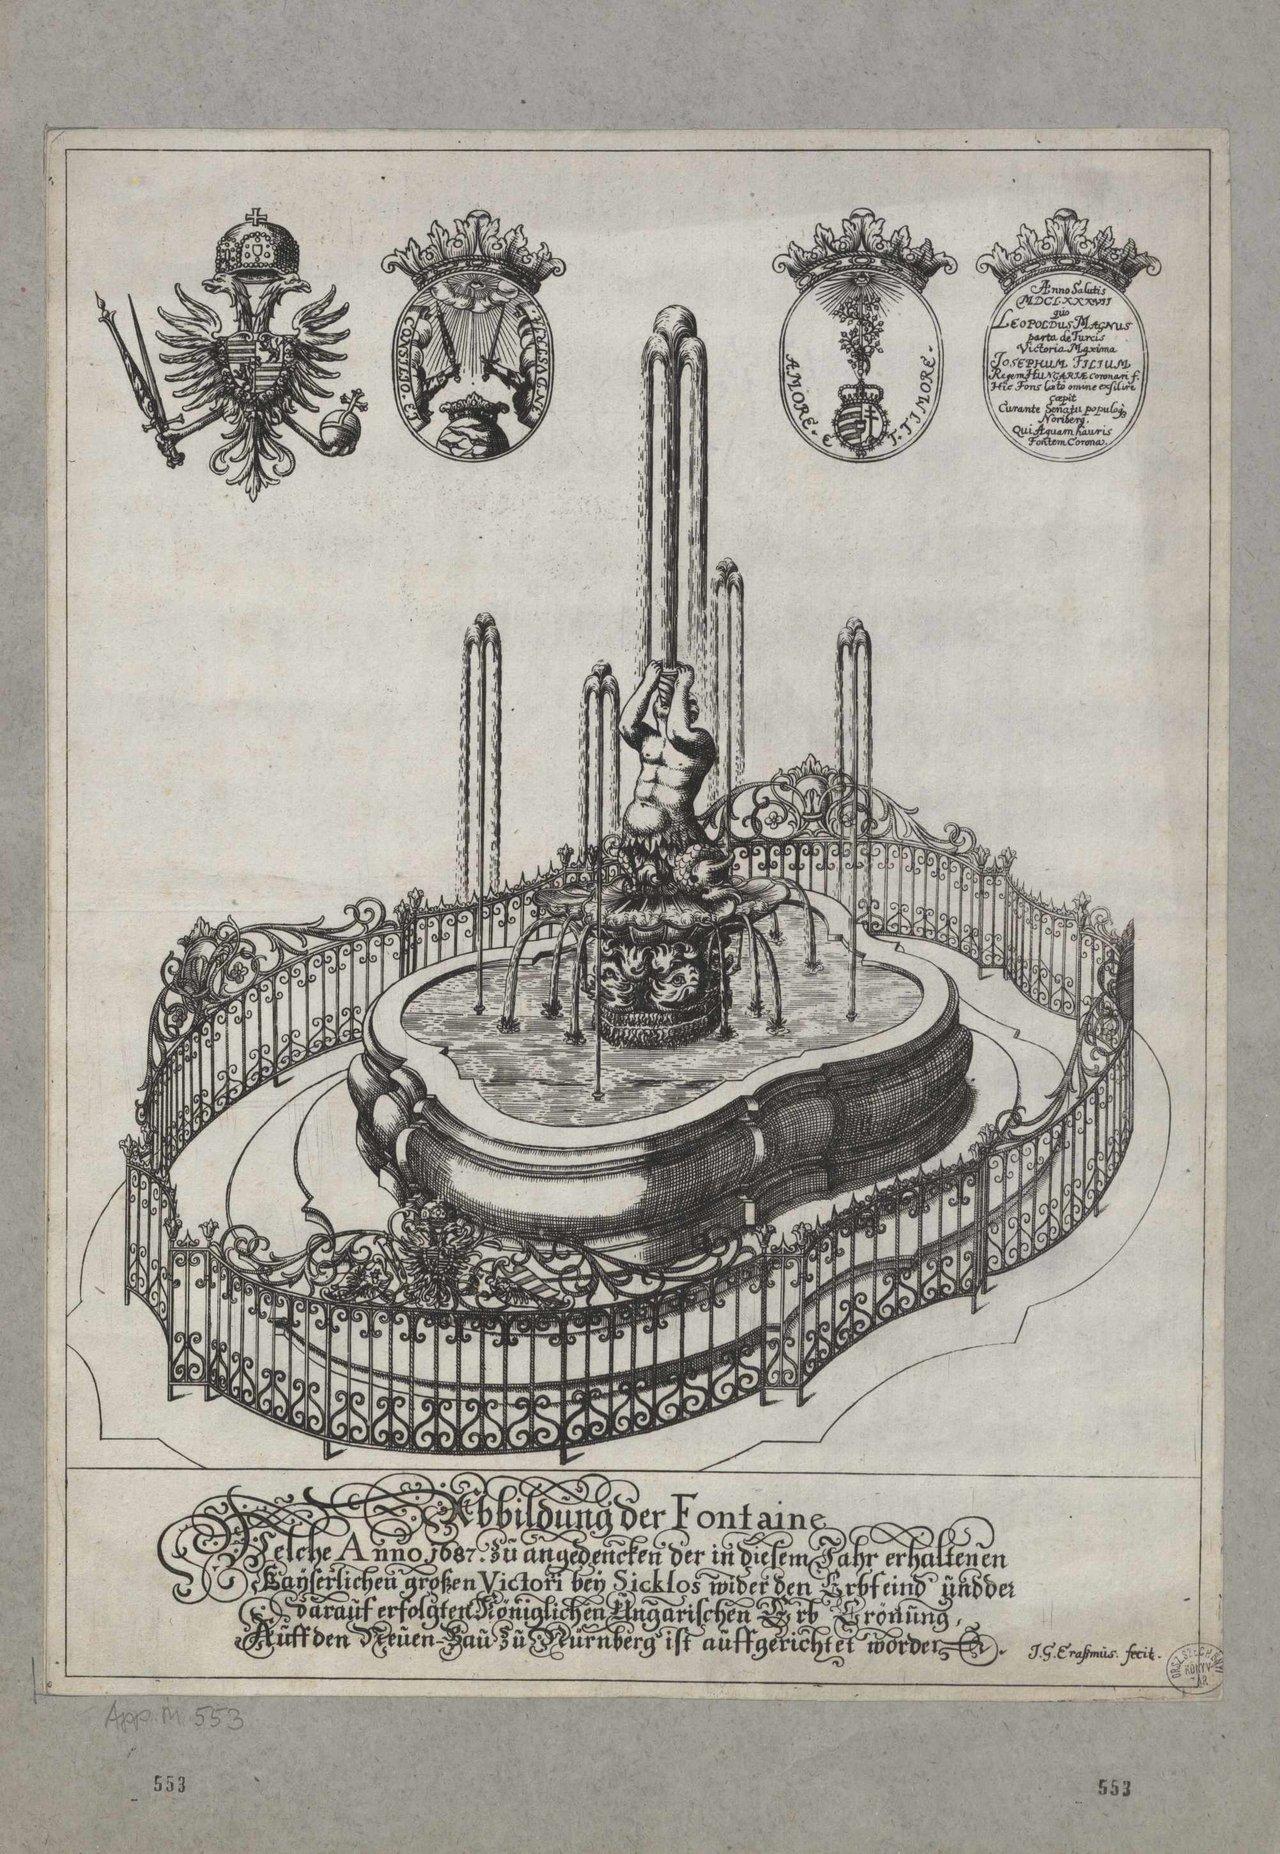 A nagyharsányi csata emlékére emelt szökőkút Nürnbergben (OSZK Régi Nyomtatványok Tára, App. M. 553)